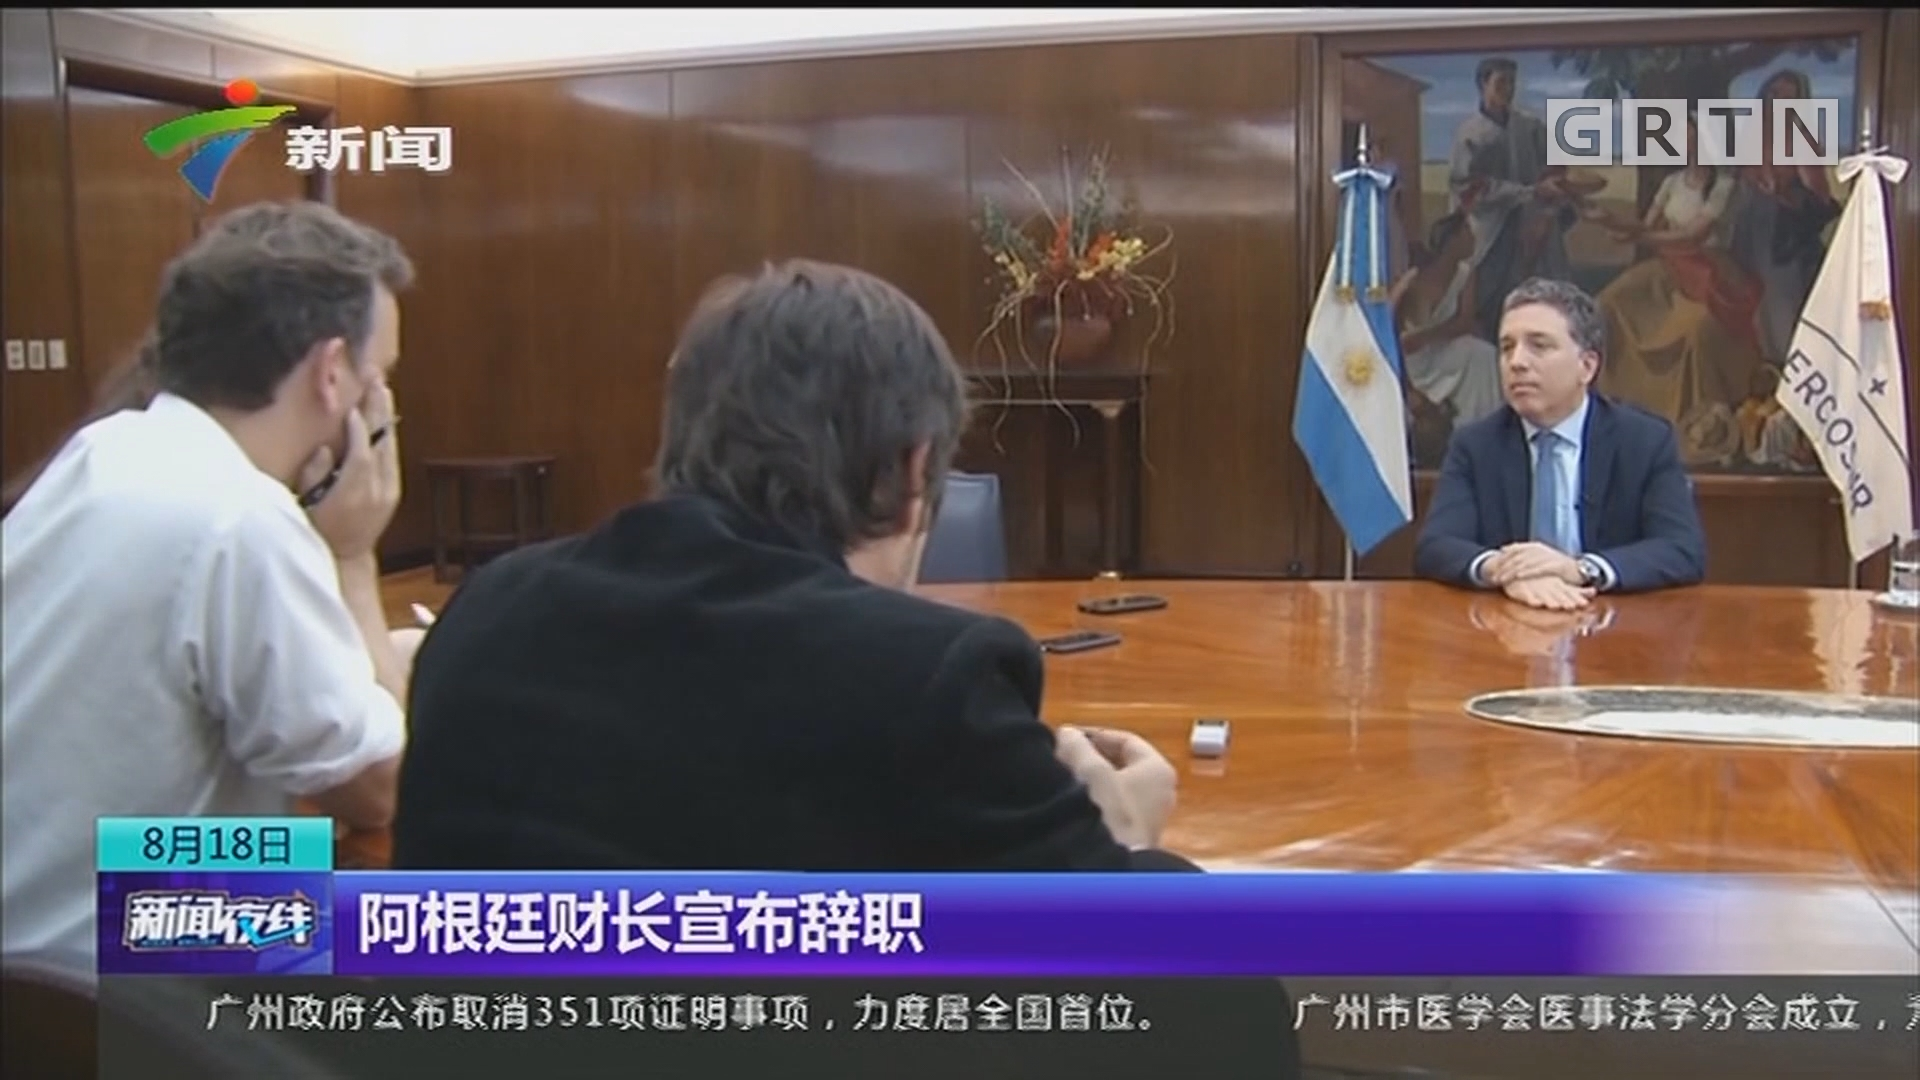 阿根廷财长宣布辞职